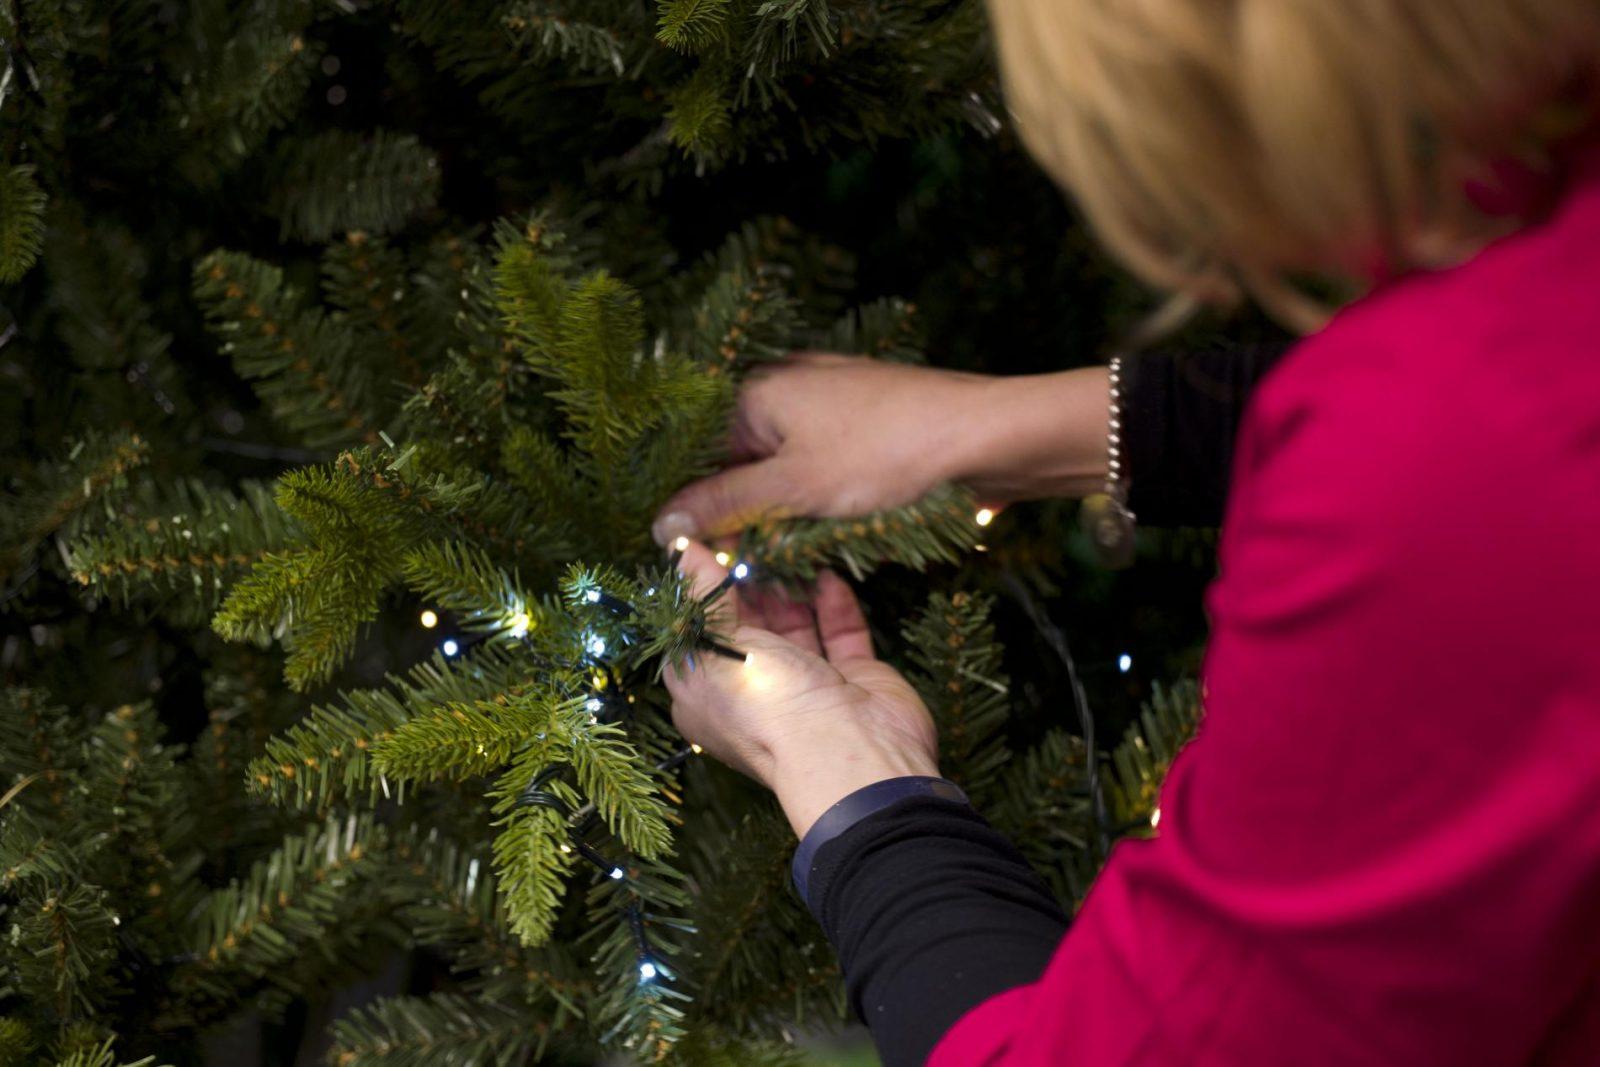 Luci sull'albero di Natale: come posizionarle e consigli utili